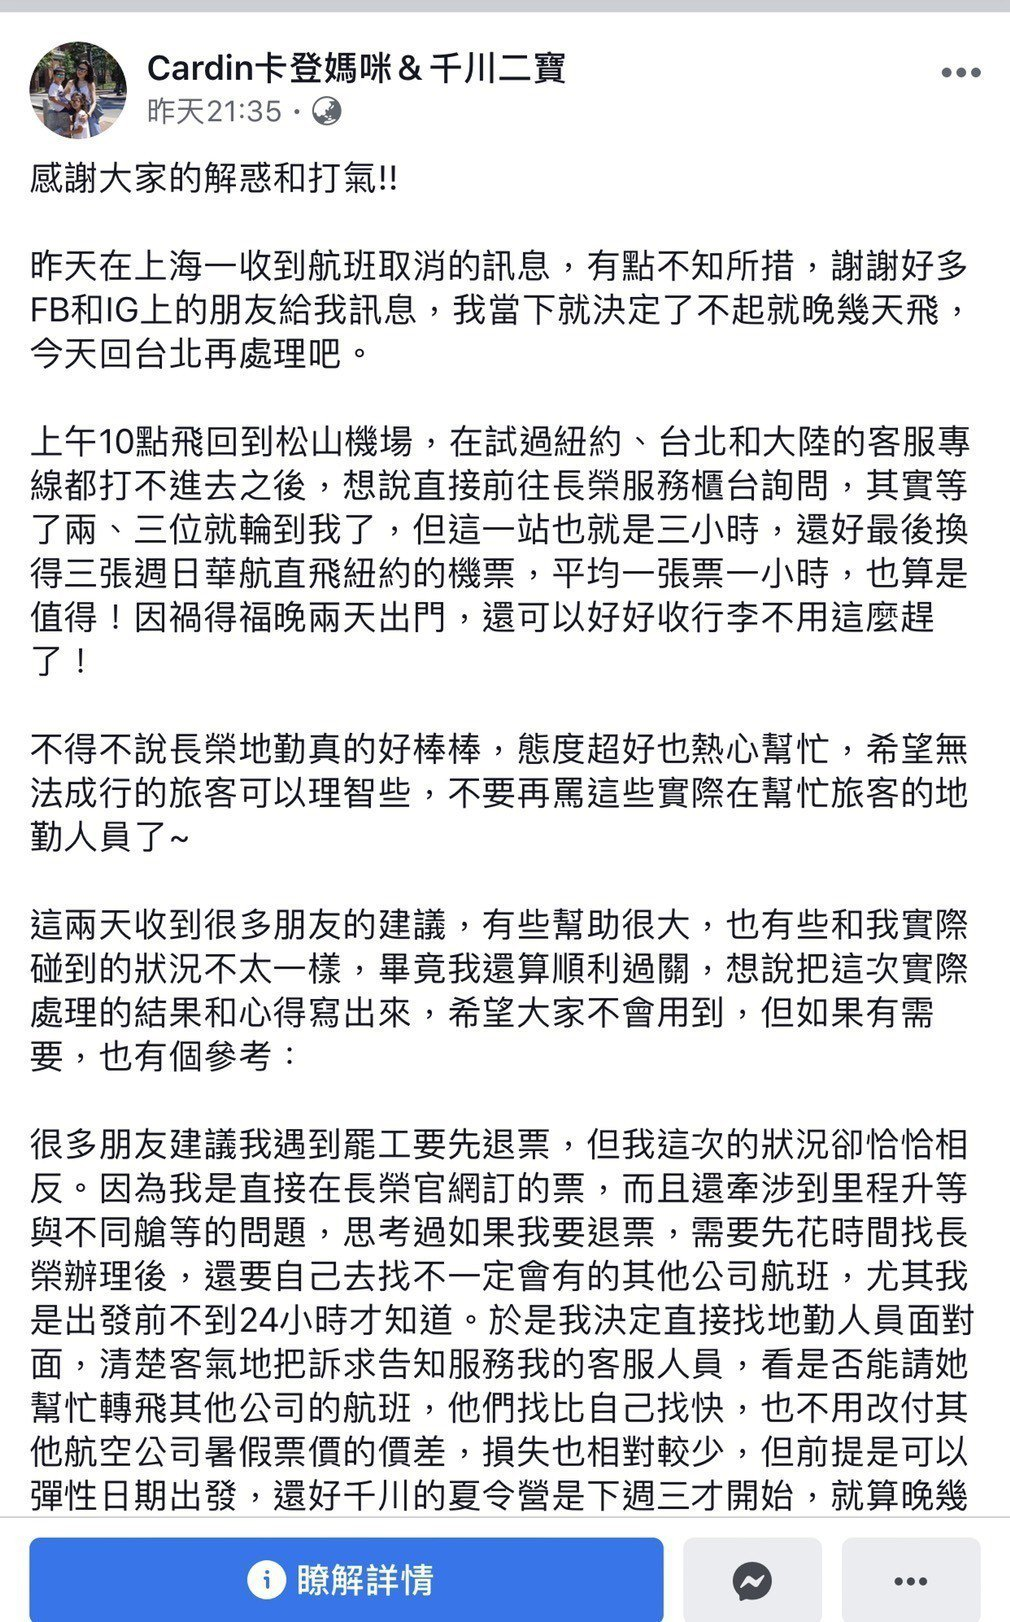 作家主持人劉軒妻子Cardin發文。圖/摘自臉書